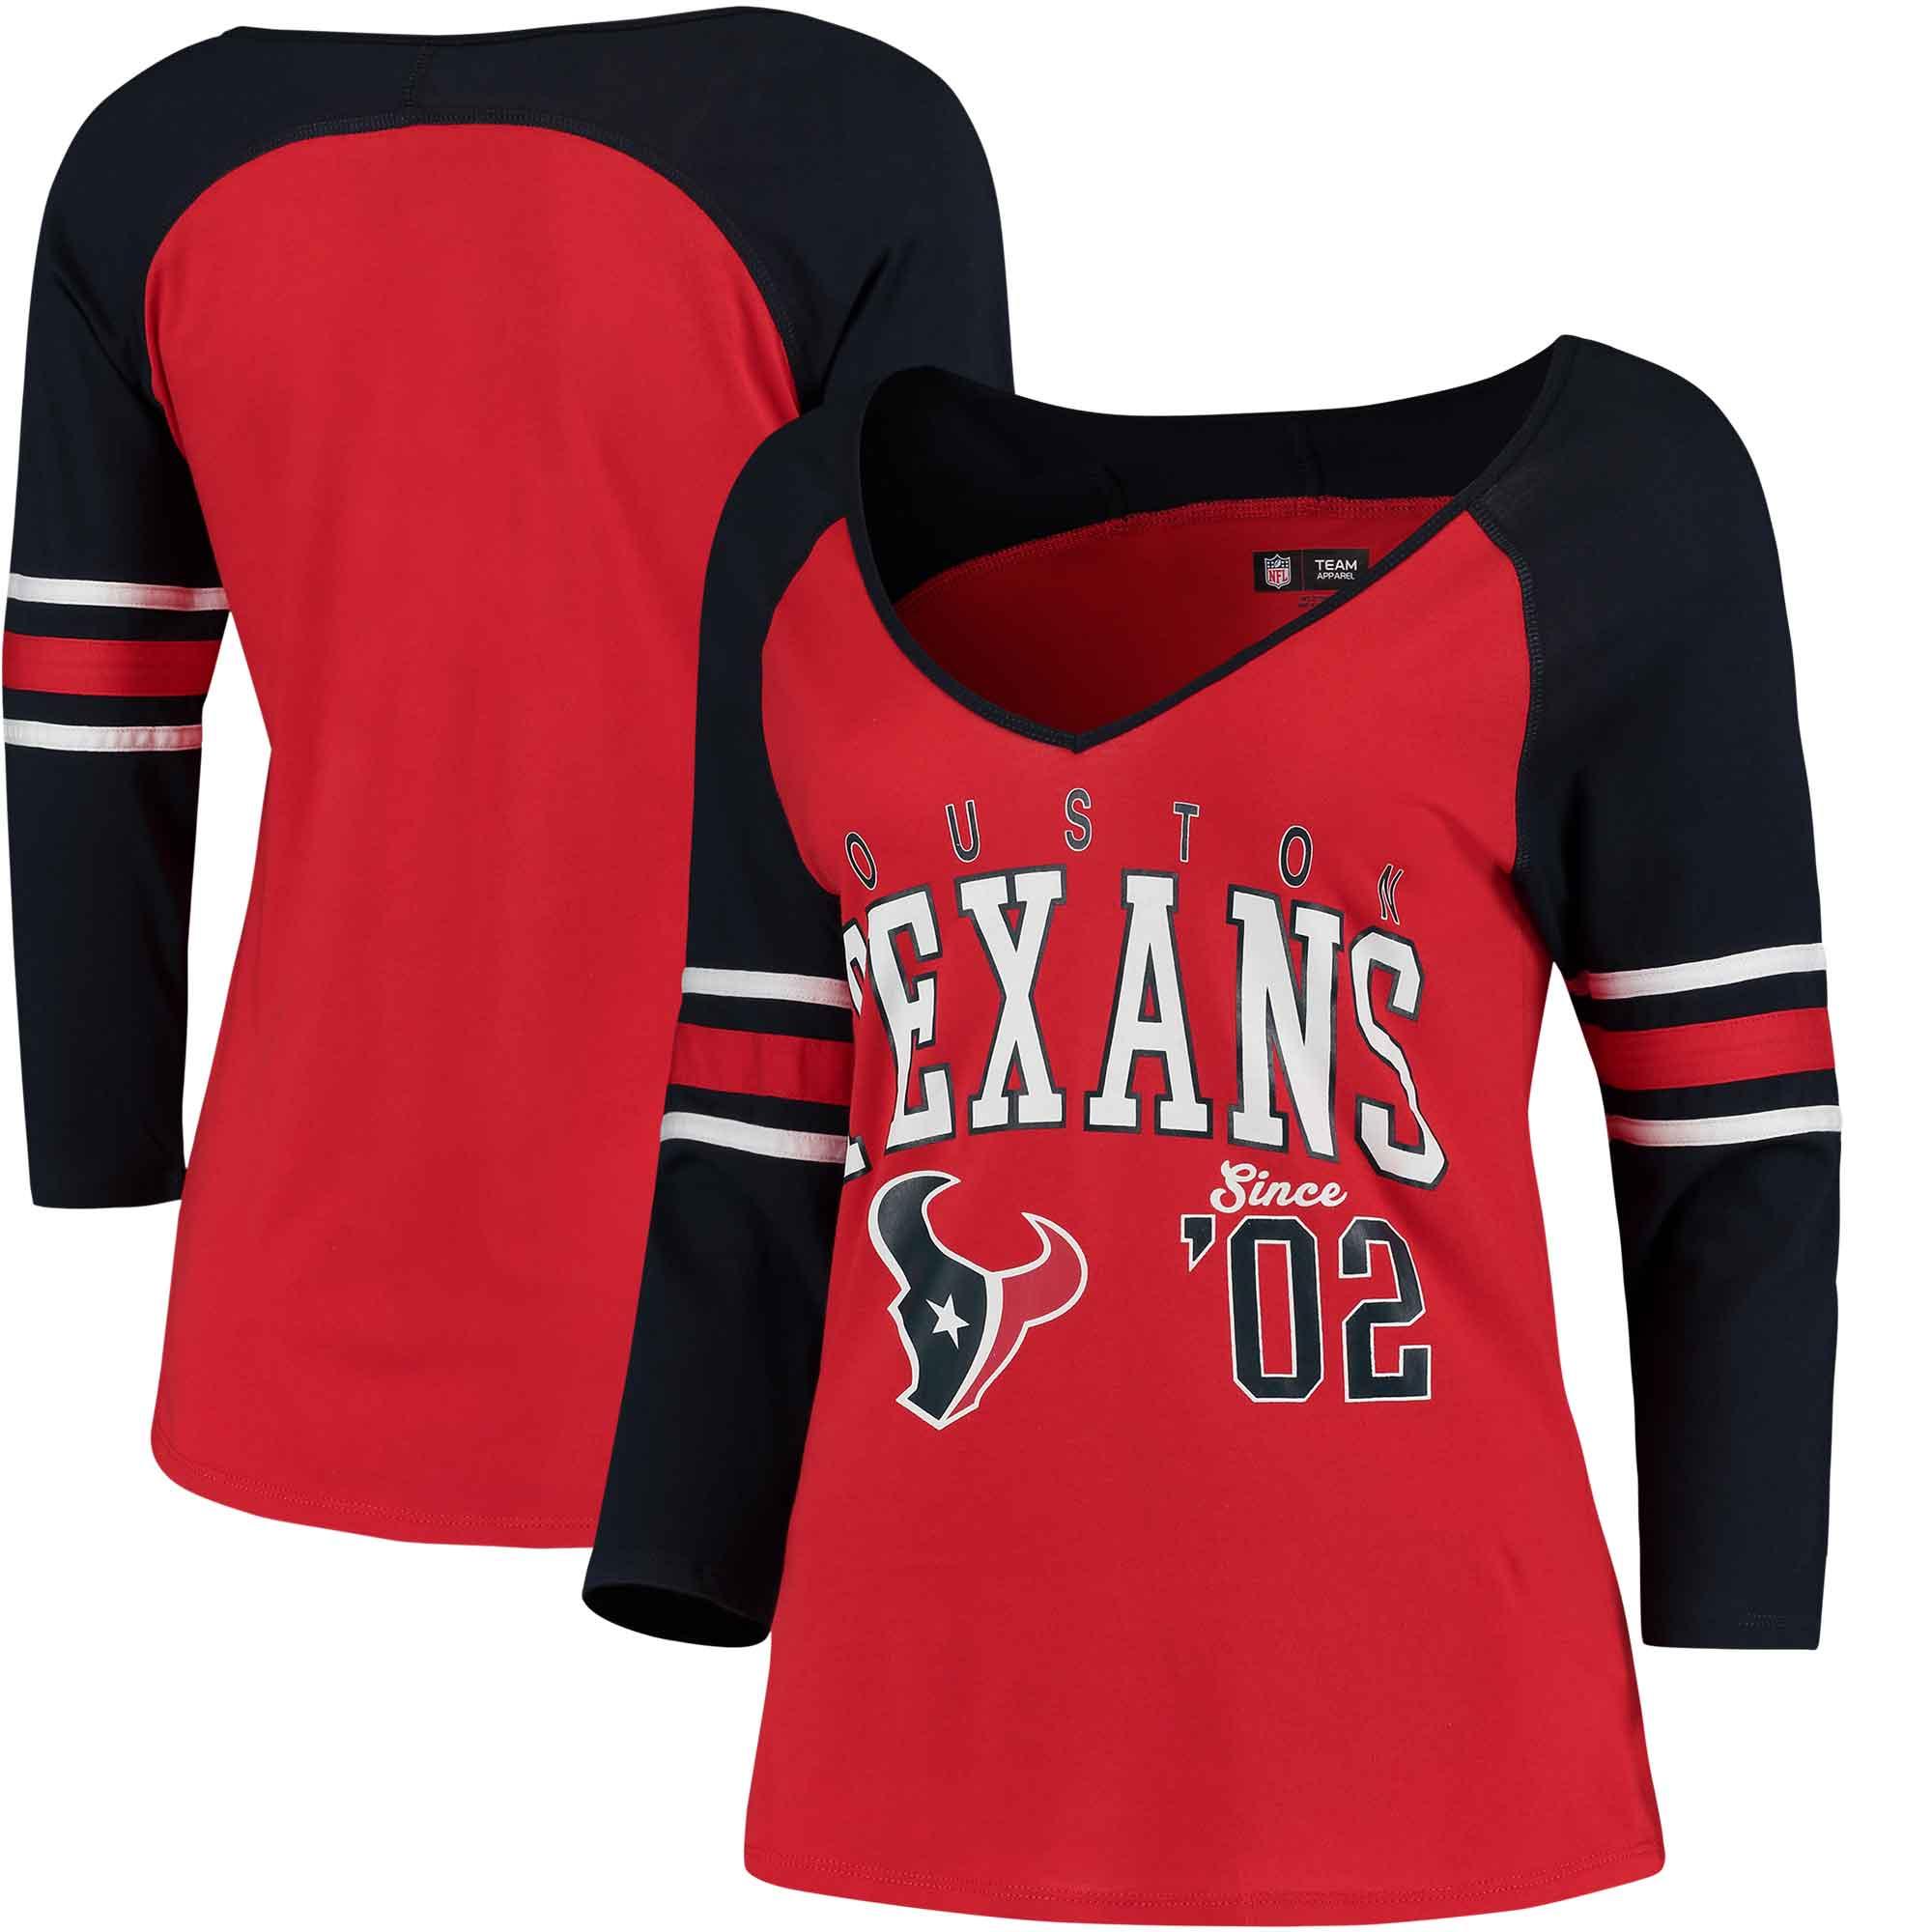 Houston Texans 5th & Ocean by New Era Women's Blind Side 3/4-Sleeve Raglan V-Neck T-Shirt - Red/Navy